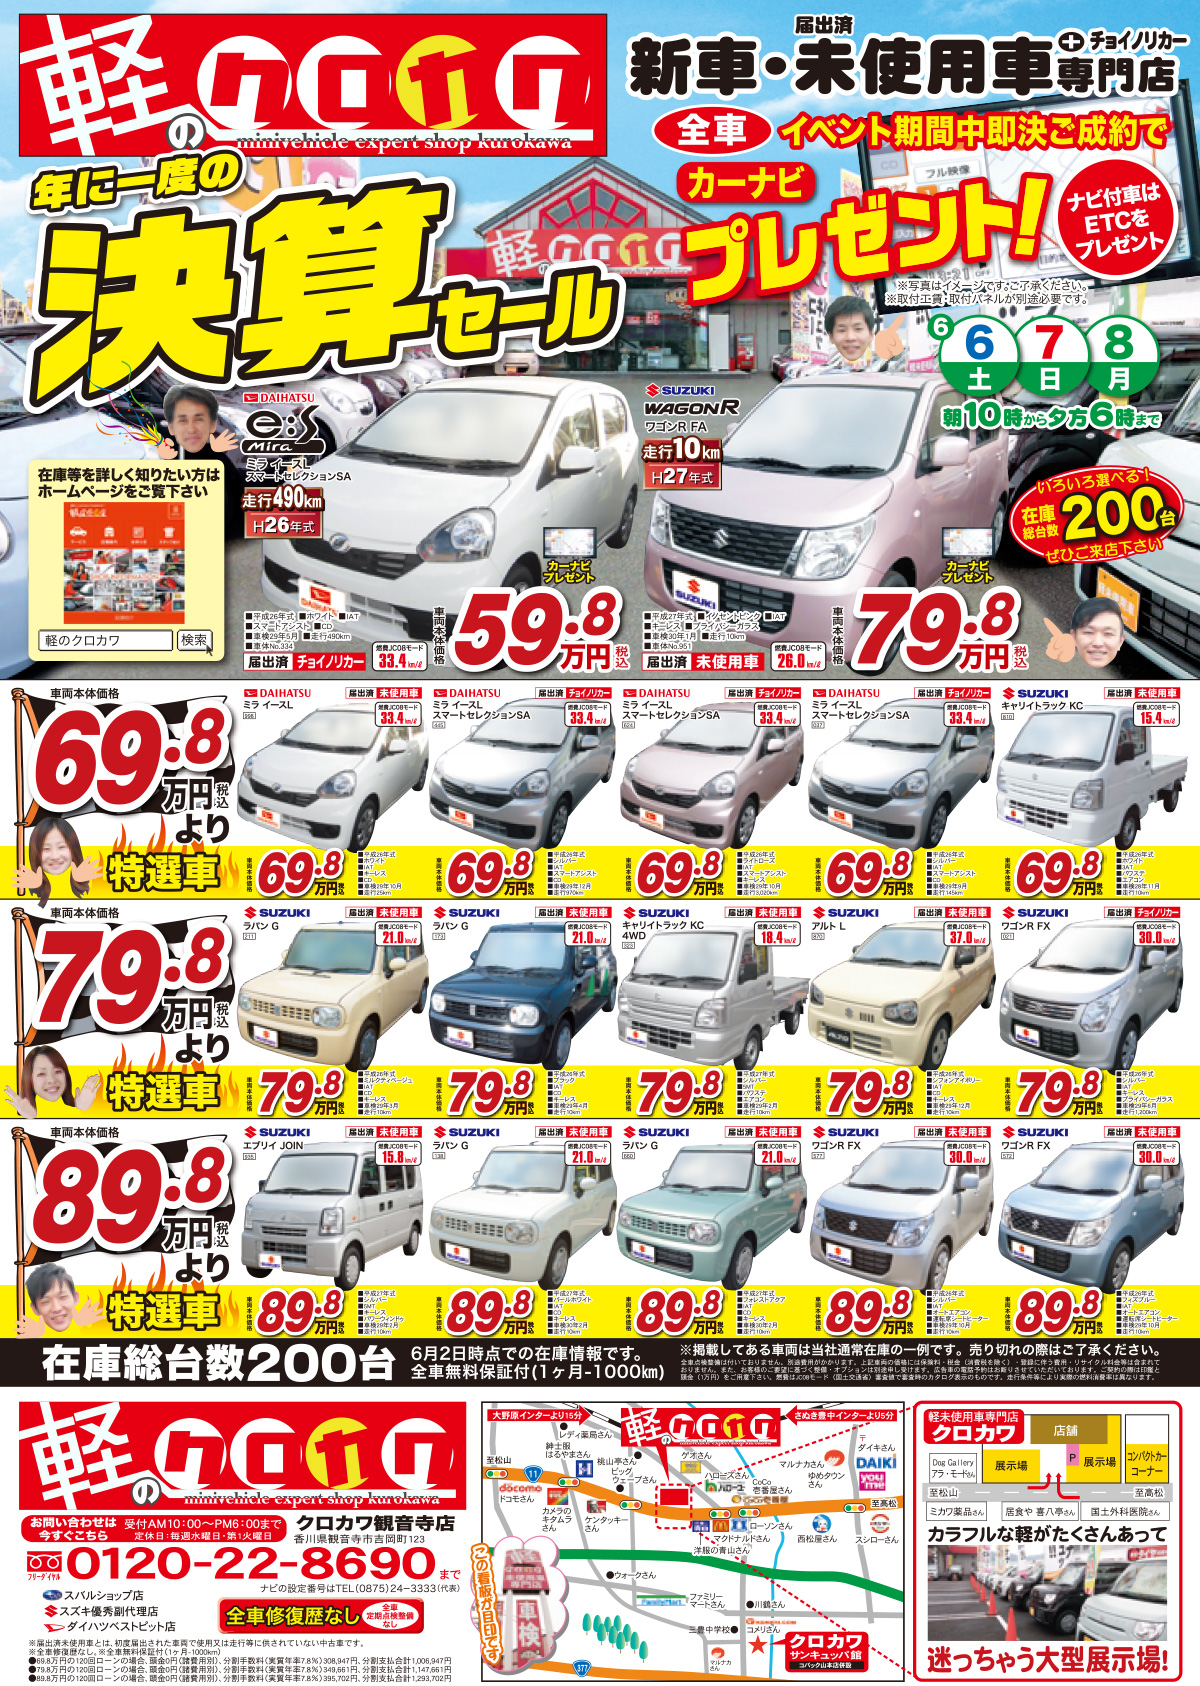 決算セール情報!期間中ご成約で「カーナビ」「新品タイヤ」プレゼント!